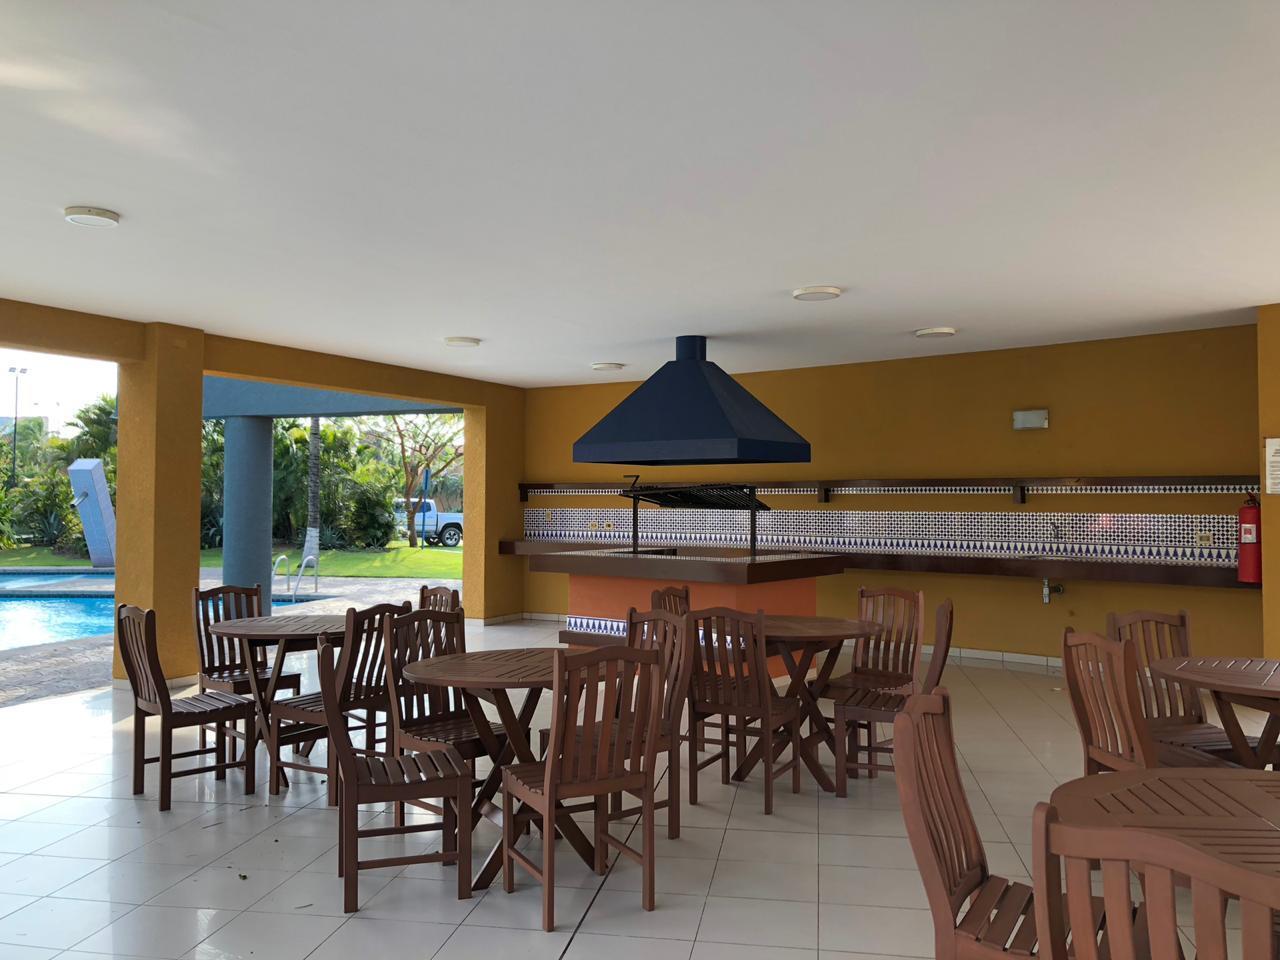 Casa en Alquiler CASA EN ALQUILER, CONDOMINIO LA HACIENDA II CALLE TAMARINDO Foto 3